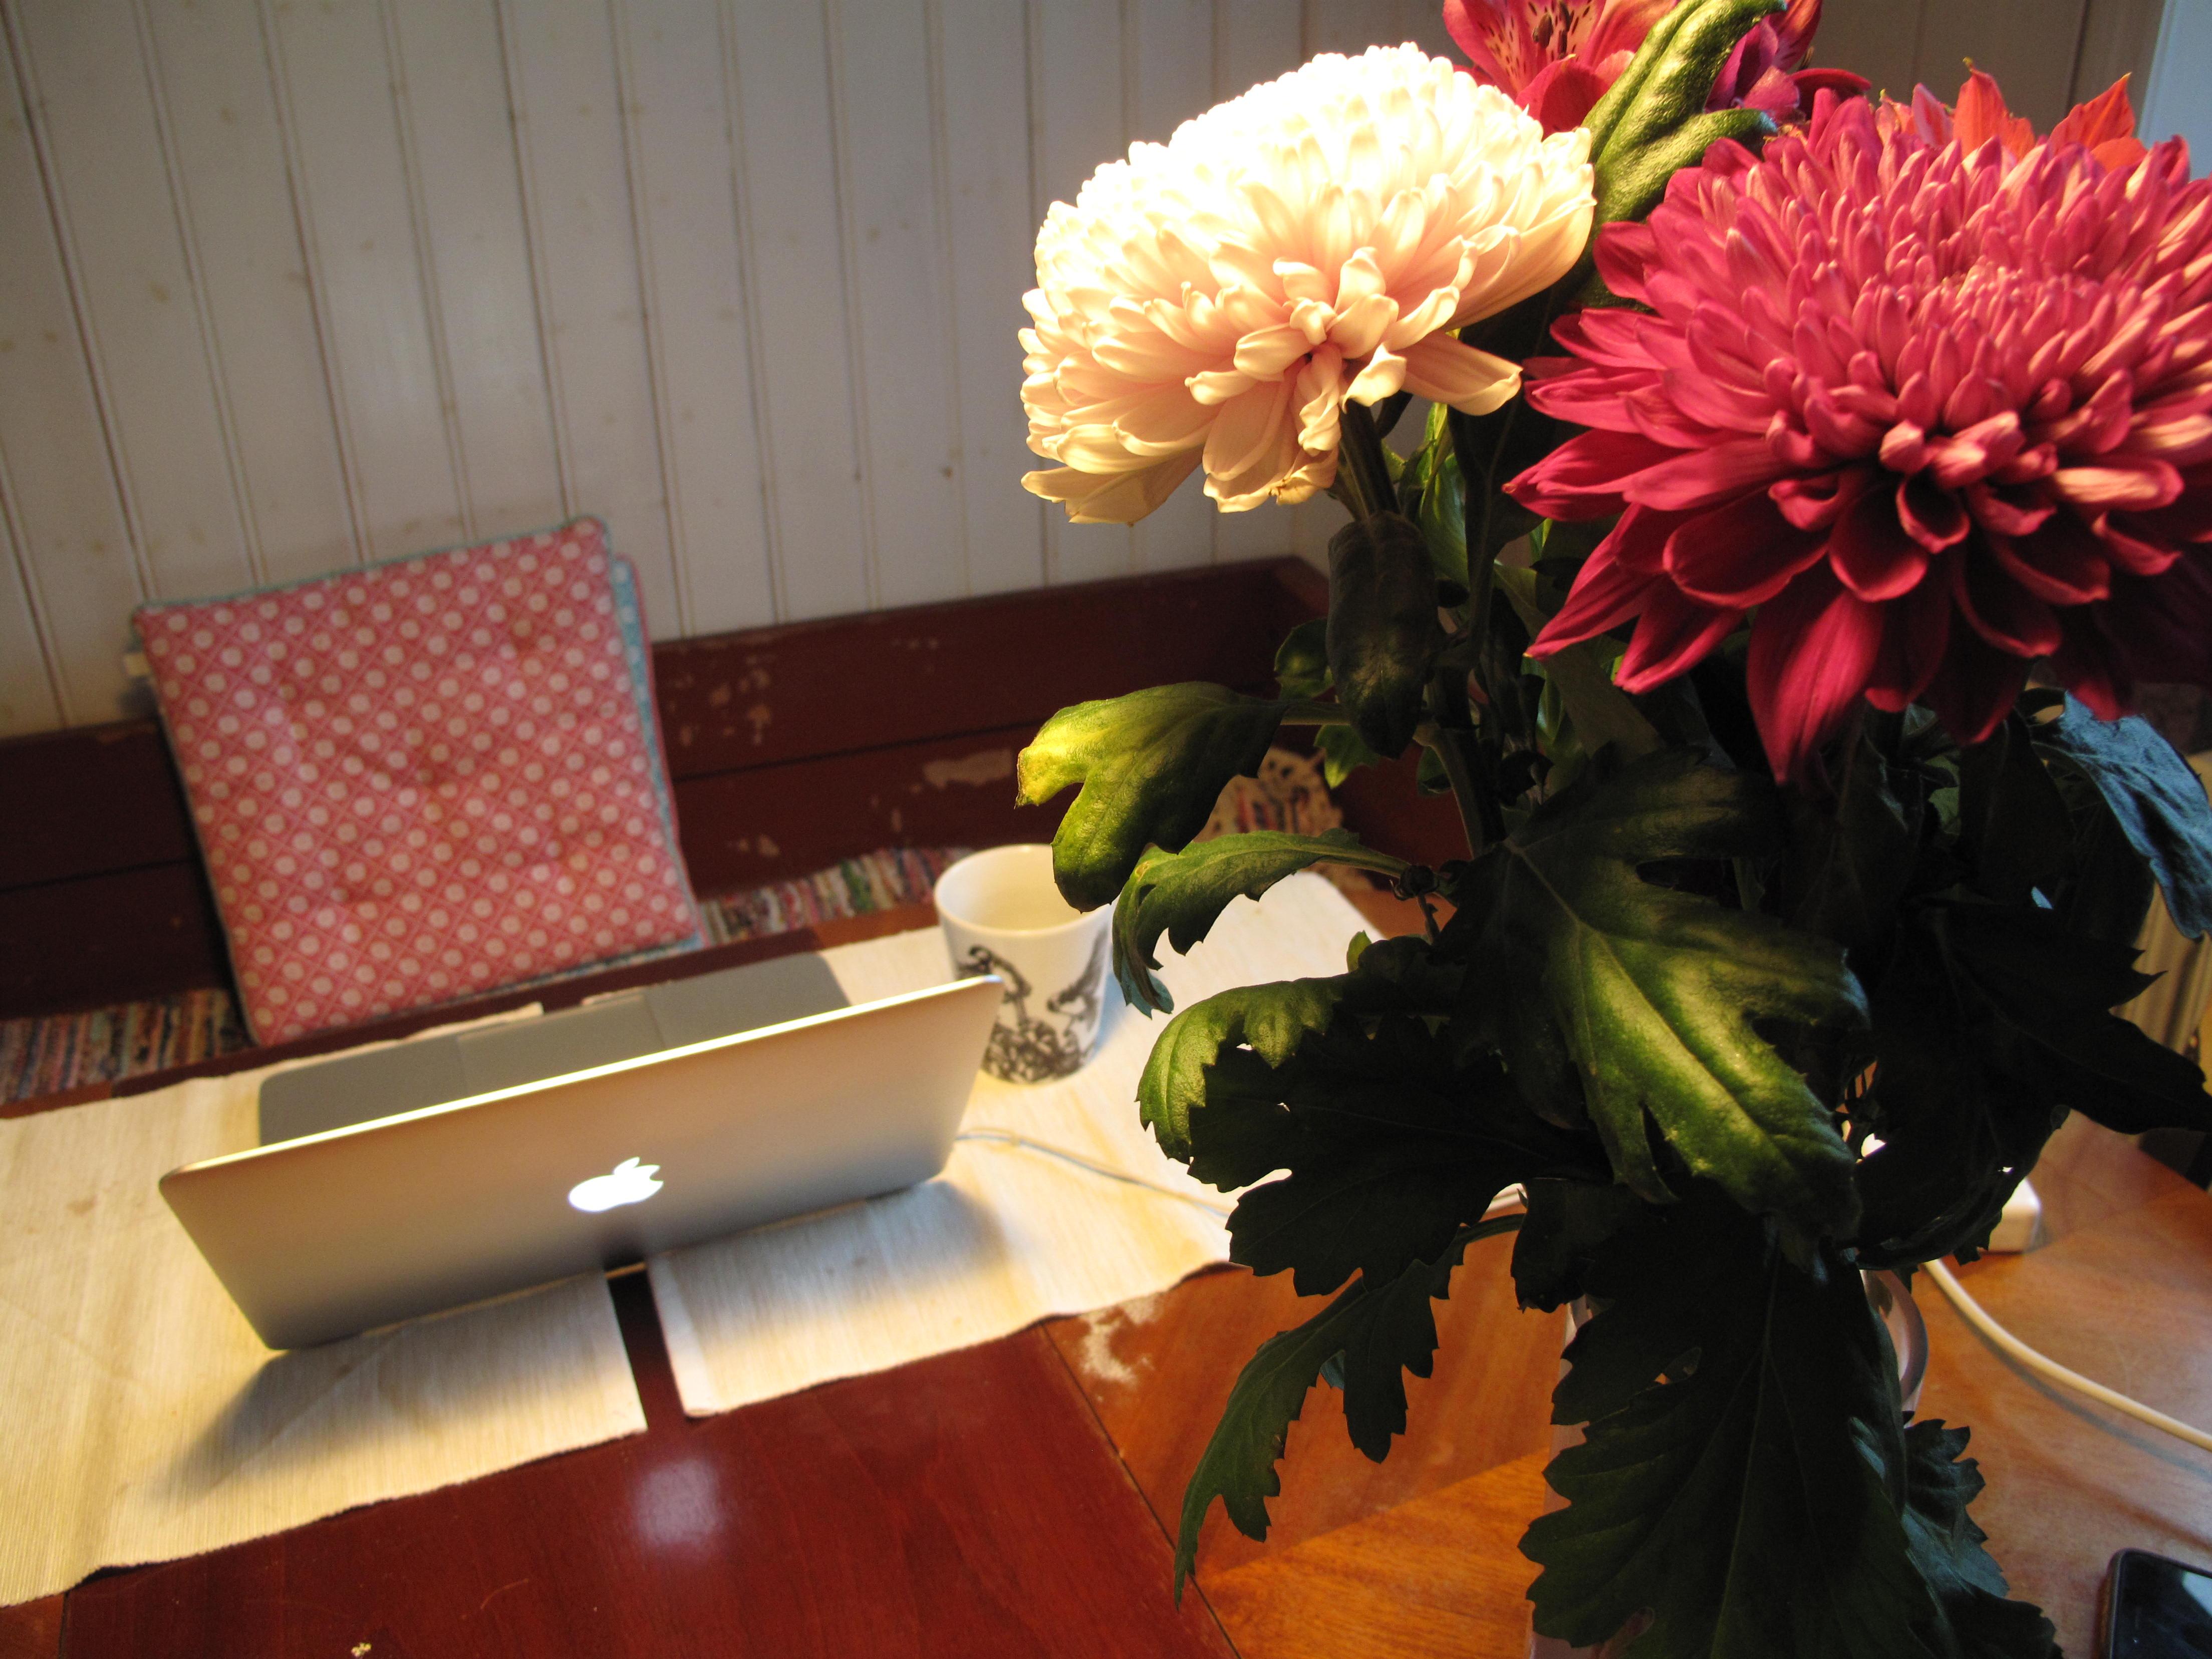 En bukett blommor, en dator och en kökssoffa